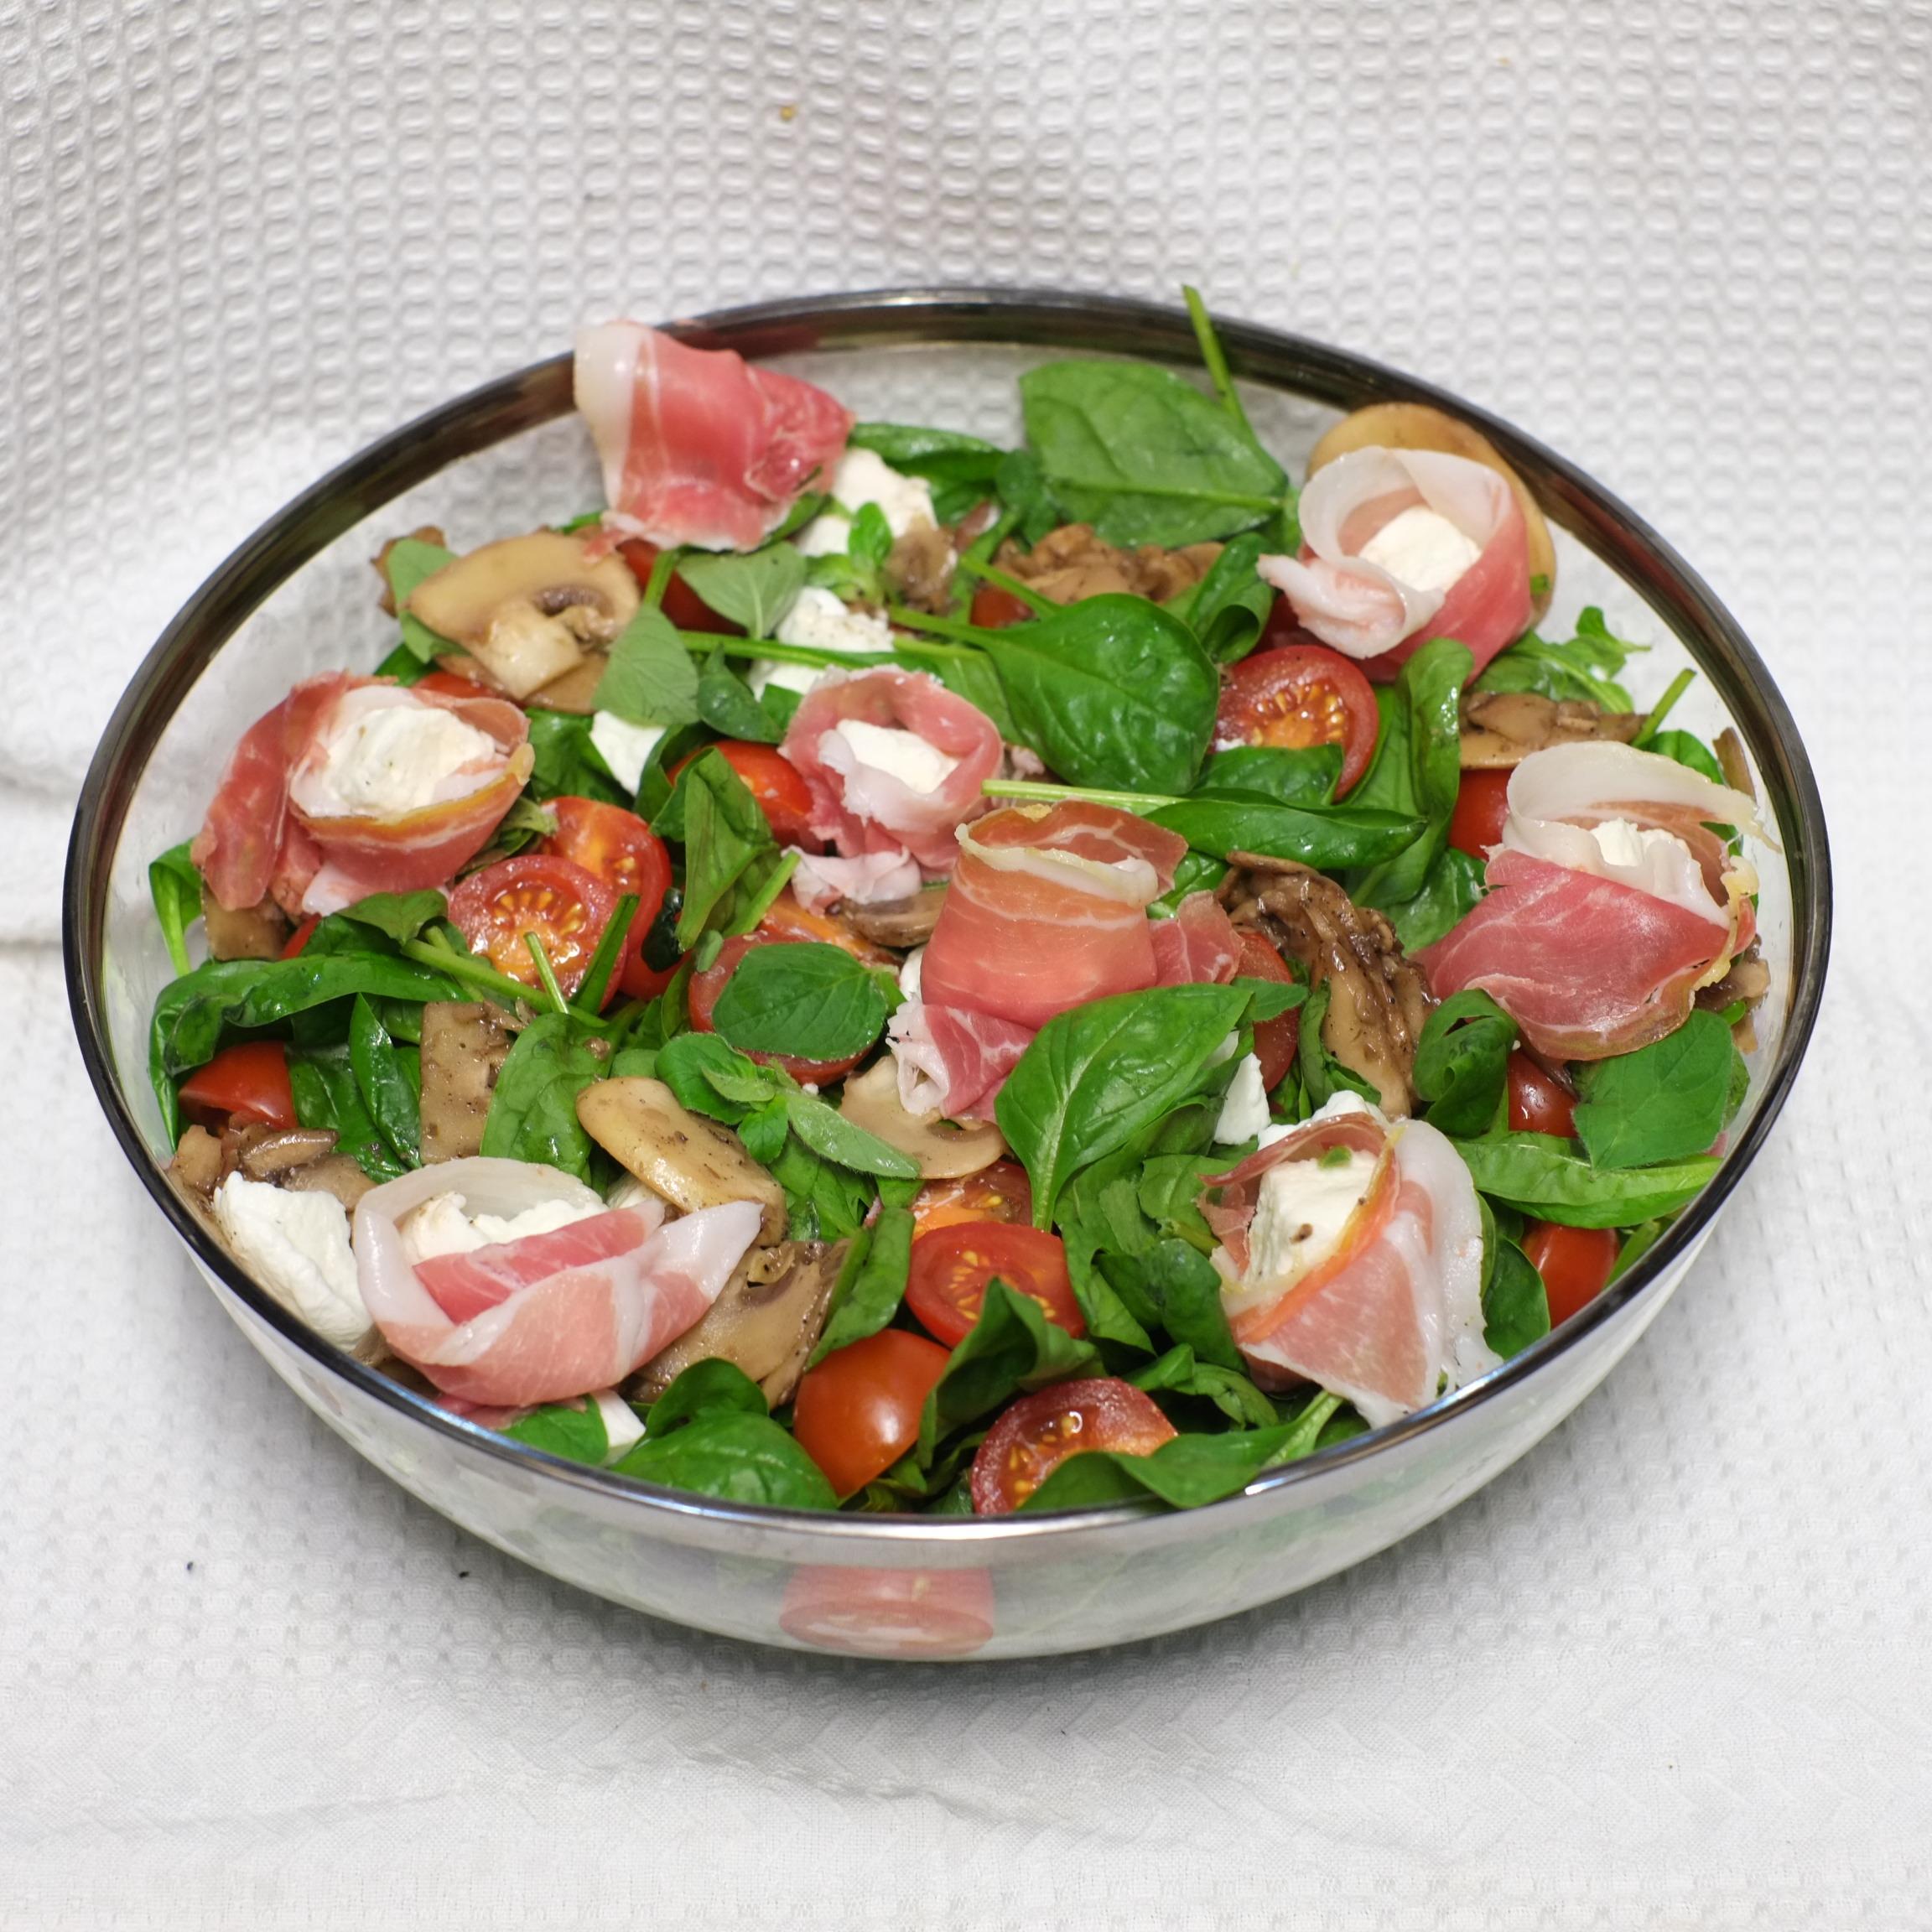 Saladier de salade à la mozza de bufflone et parme AOP - 24h à l'avance